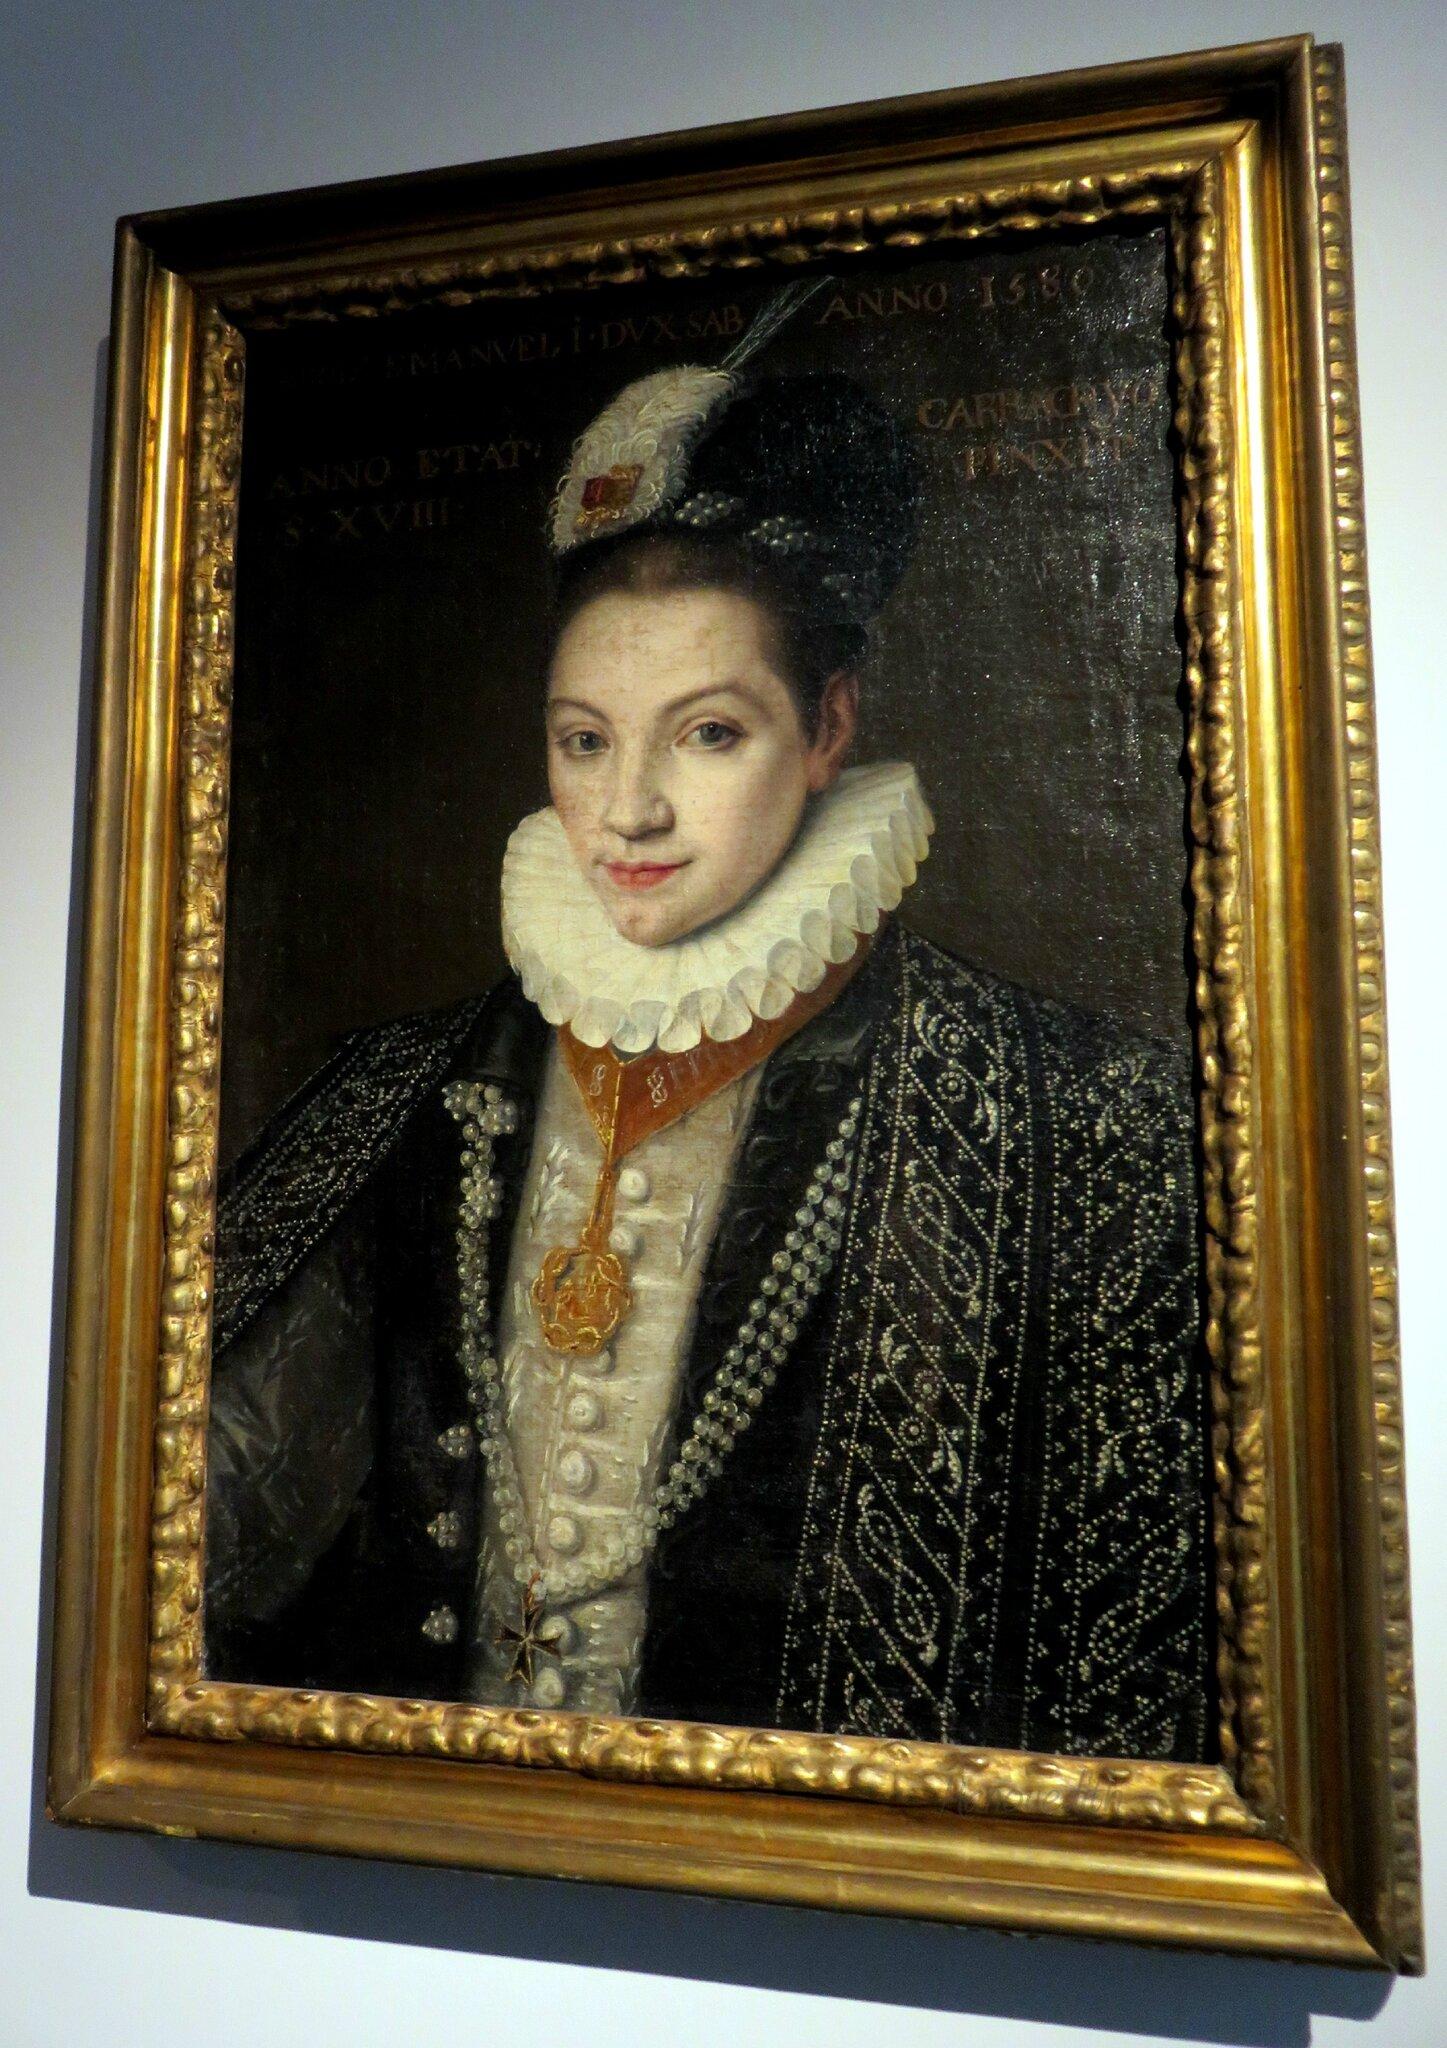 Musée De Beaux Chambéry Le Ses Et savoie Des Arts Manouedith v1q7xRpd